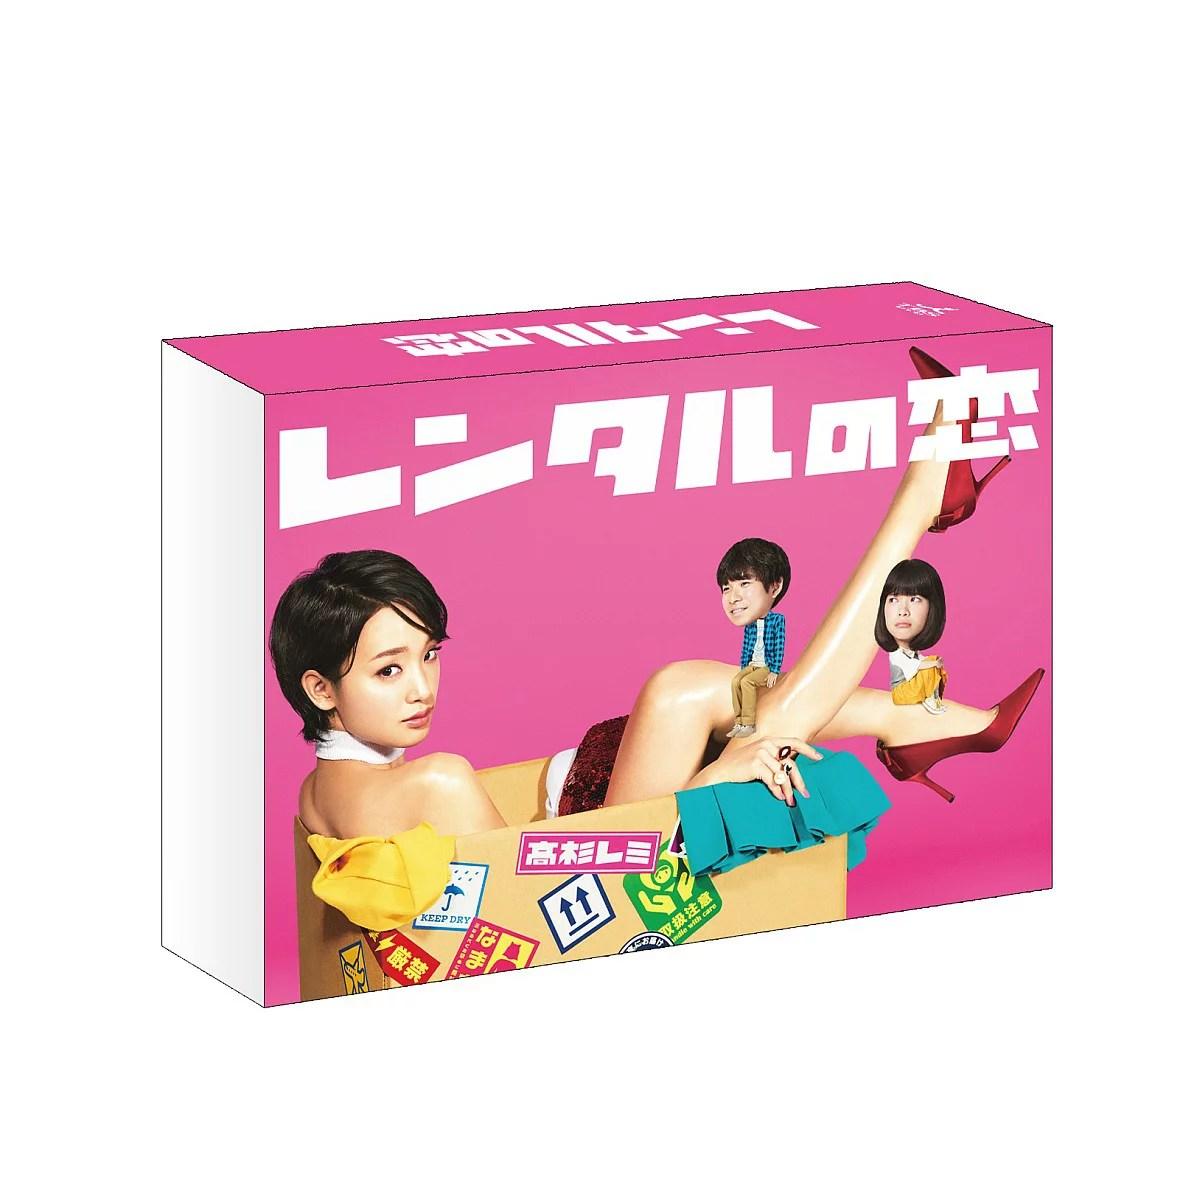 レンタルの恋 Blu-ray BOX【Blu-ray】 [ 剛力彩芽 ]